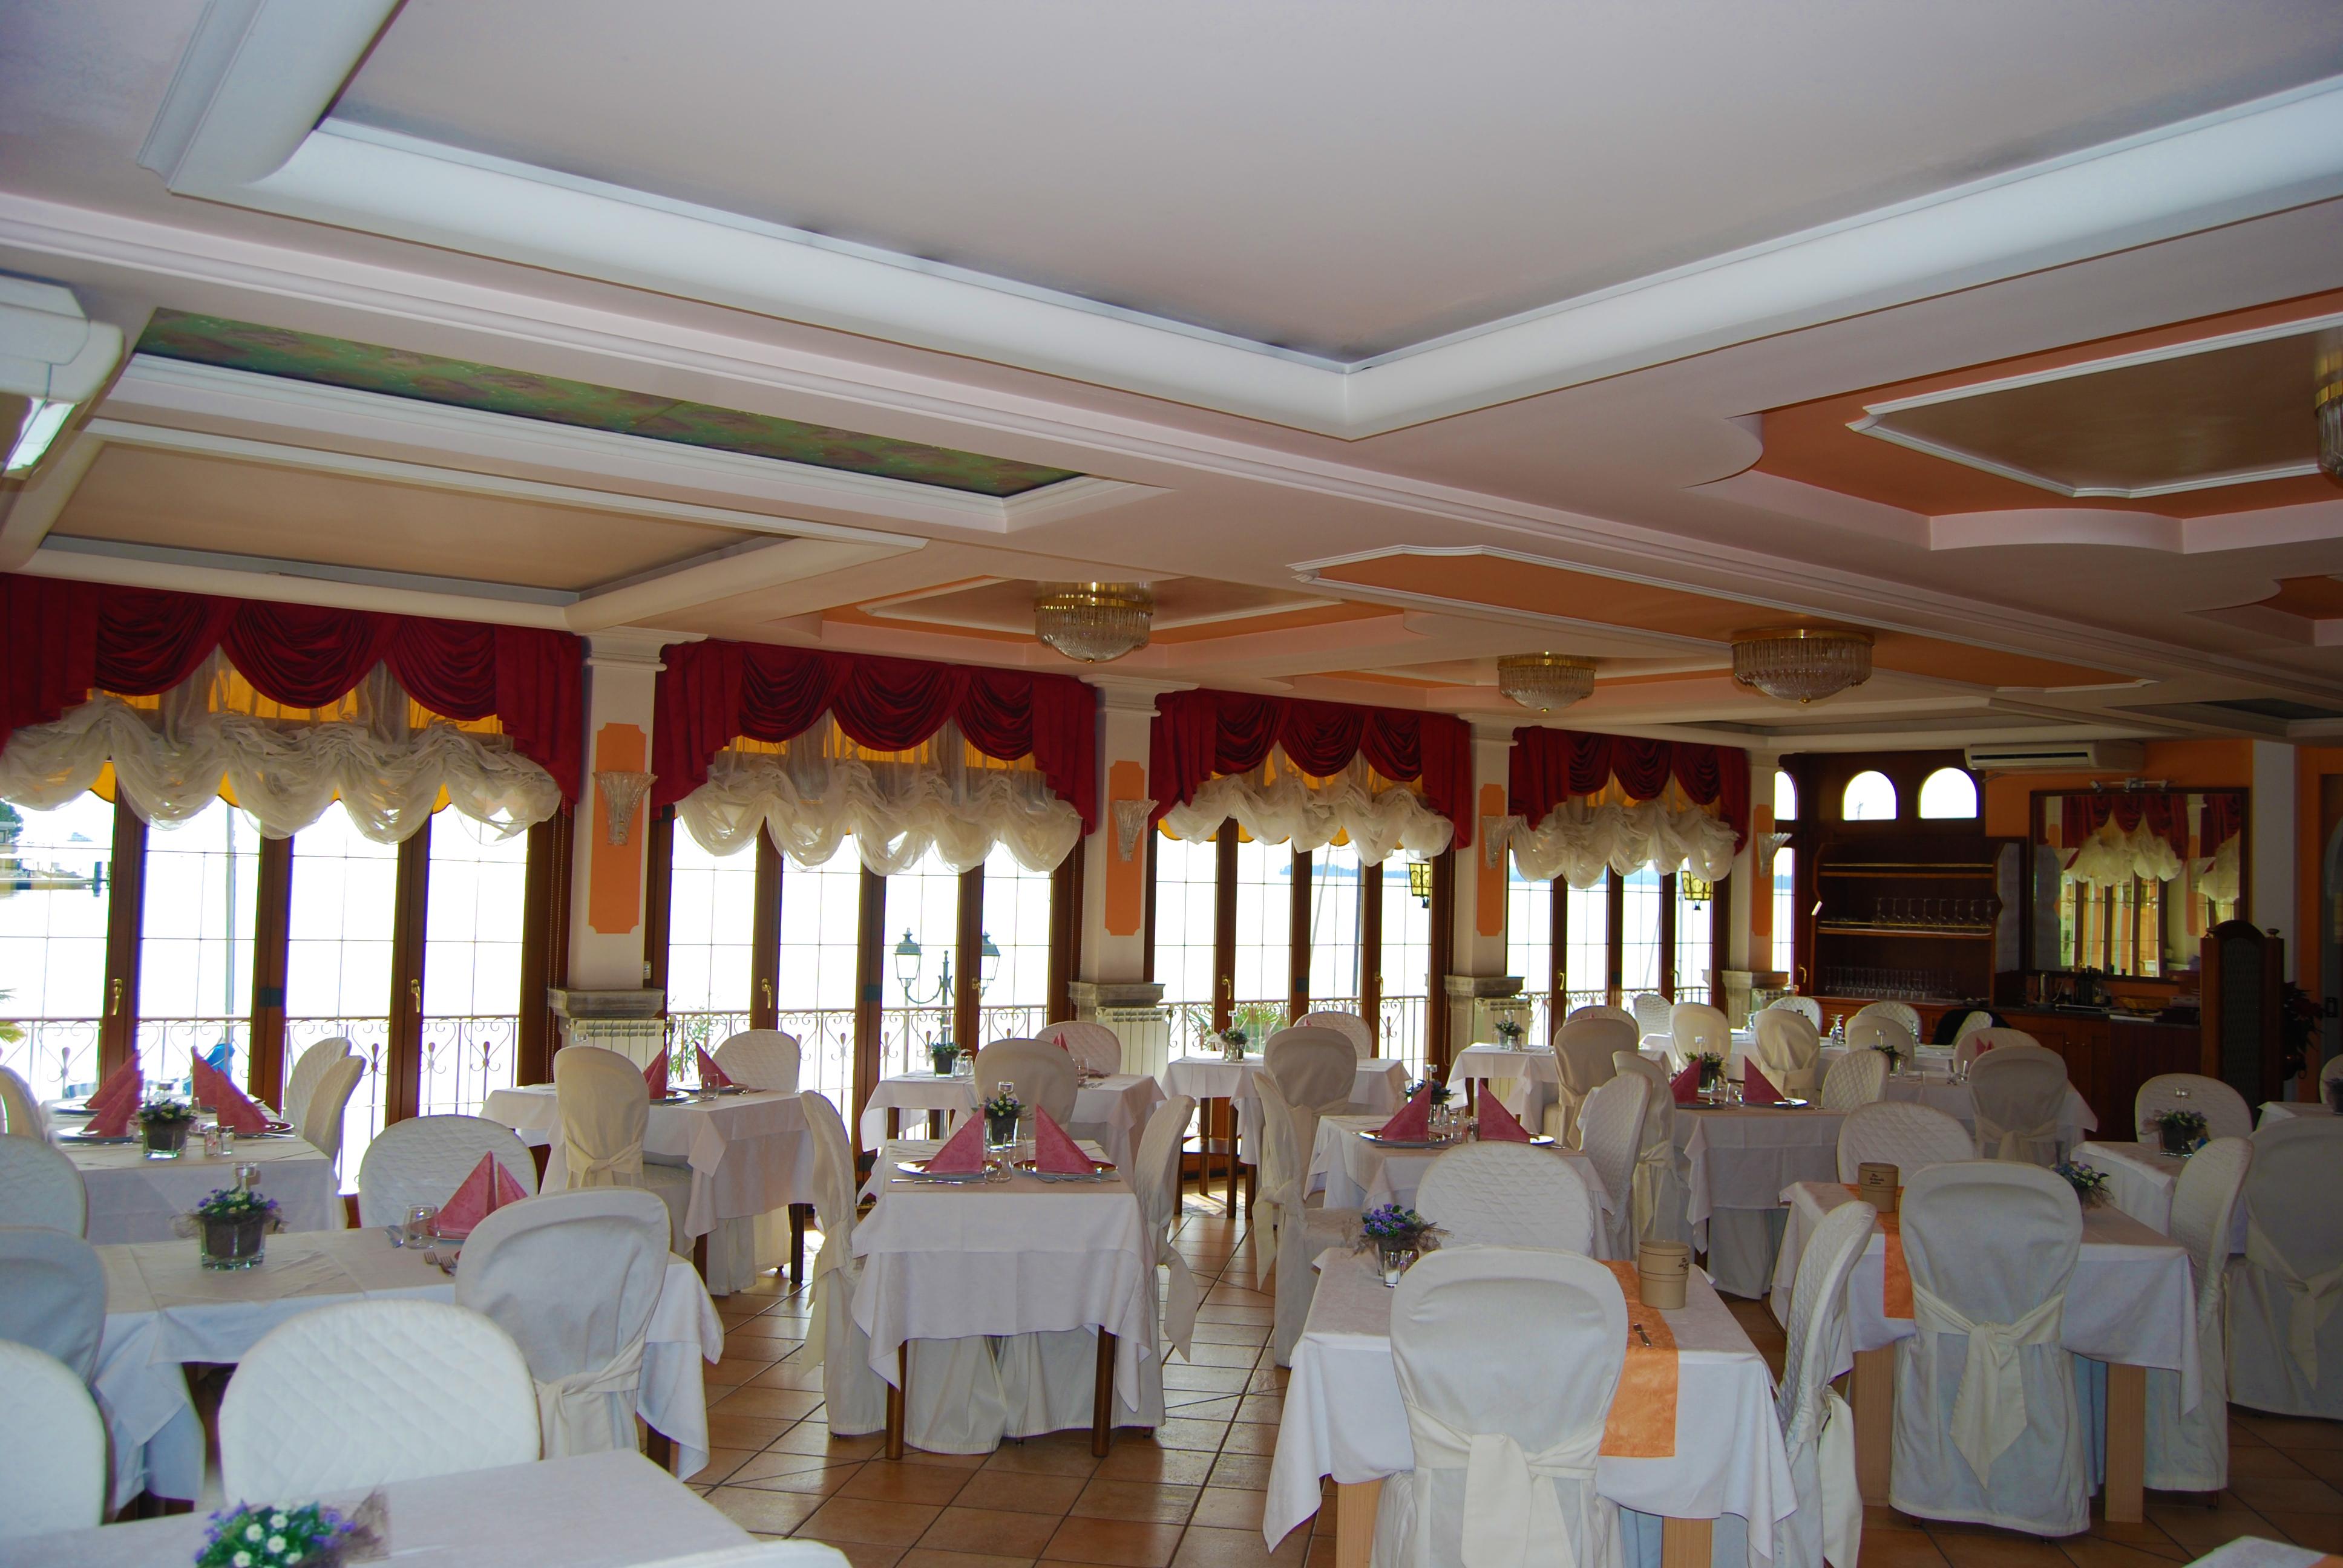 Hotel bel soggiorno toscolano maderno consultour for Hotel bel soggiorno toscolano maderno